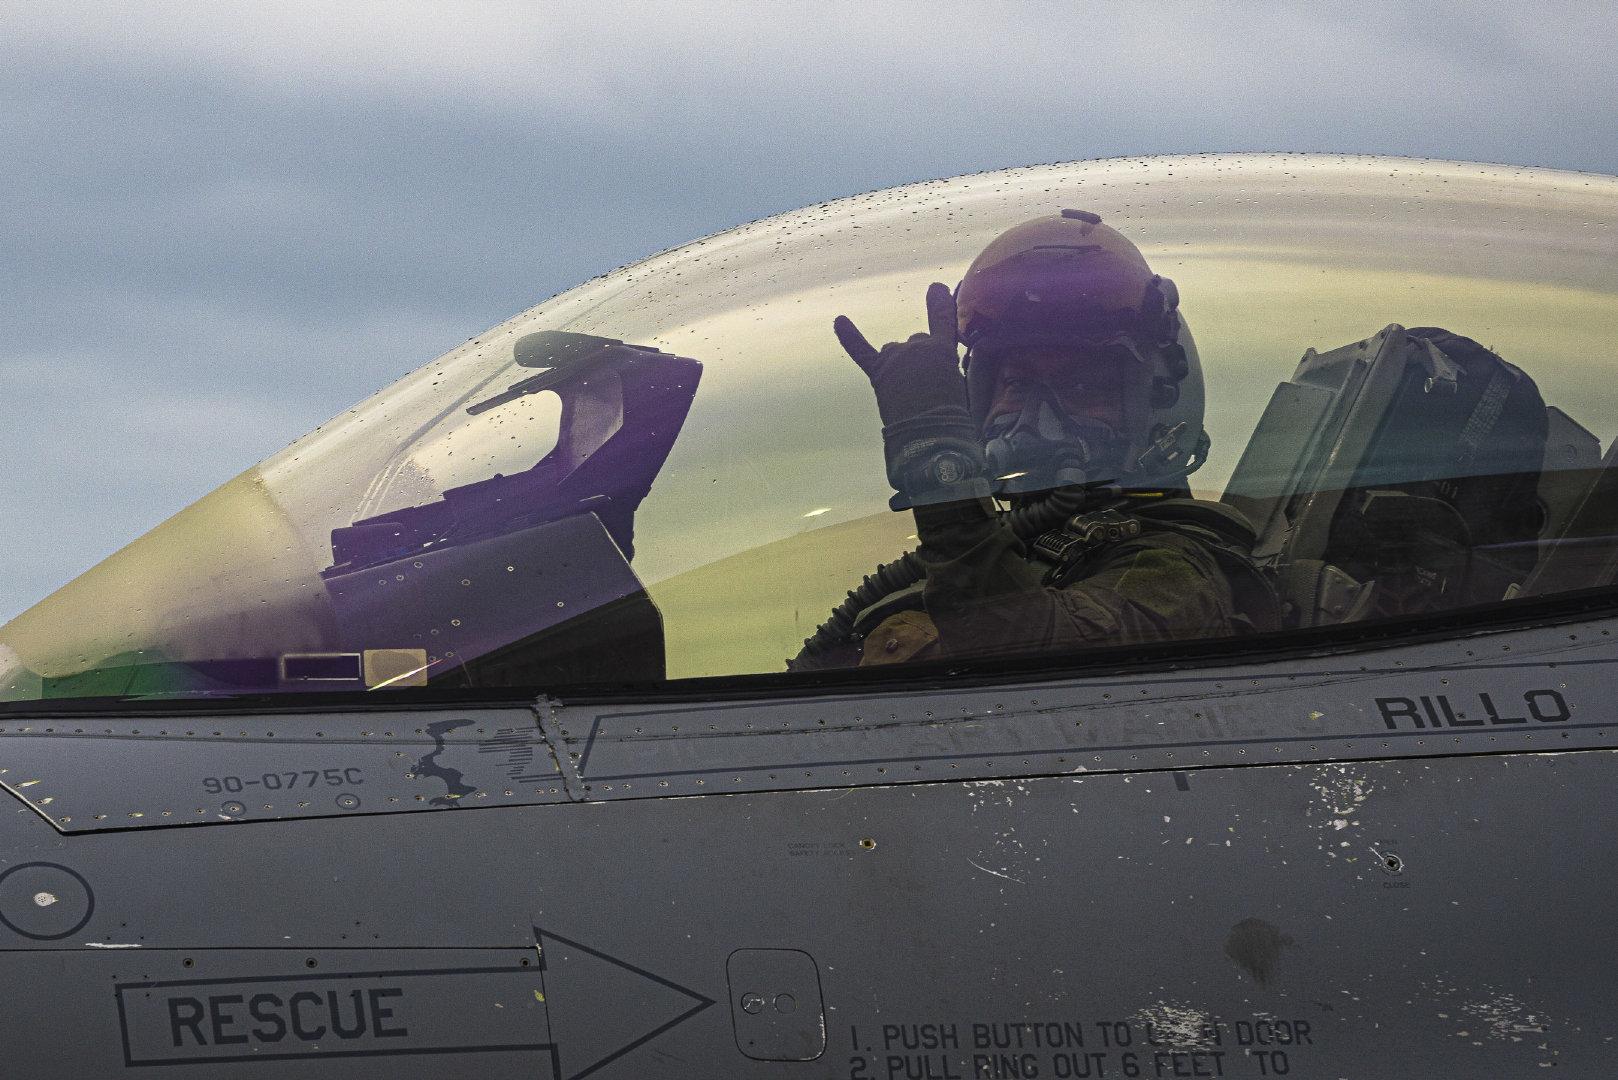 2020年9月2日,美国空军第51战斗机联队副指挥官驾驶F-16战隼战斗机